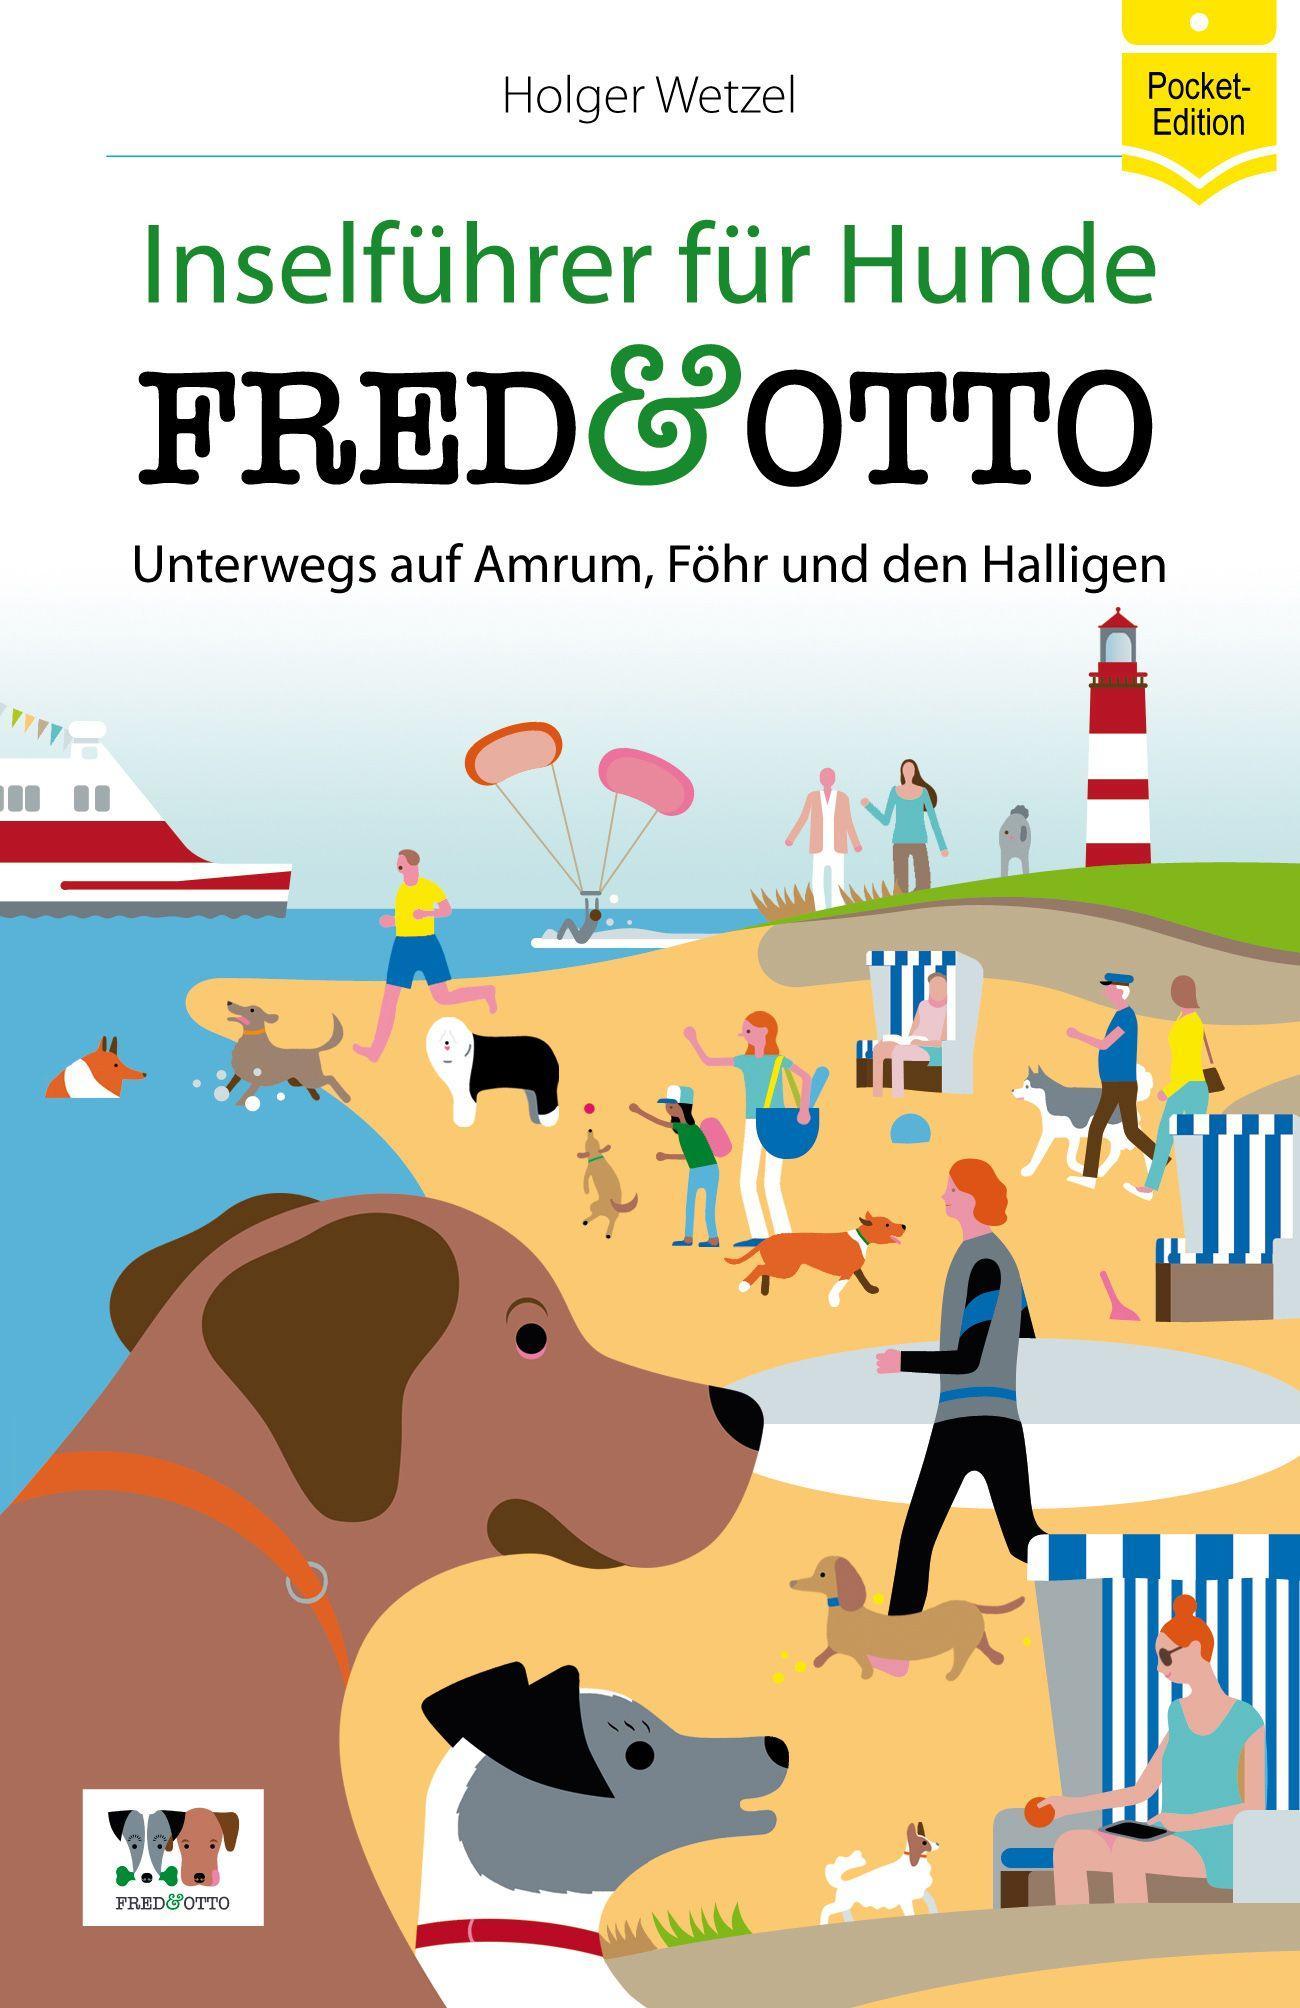 FRED & OTTO unterwegs auf Amrum, Föhr und den Halligen (Pocket-Edition), Ho ...